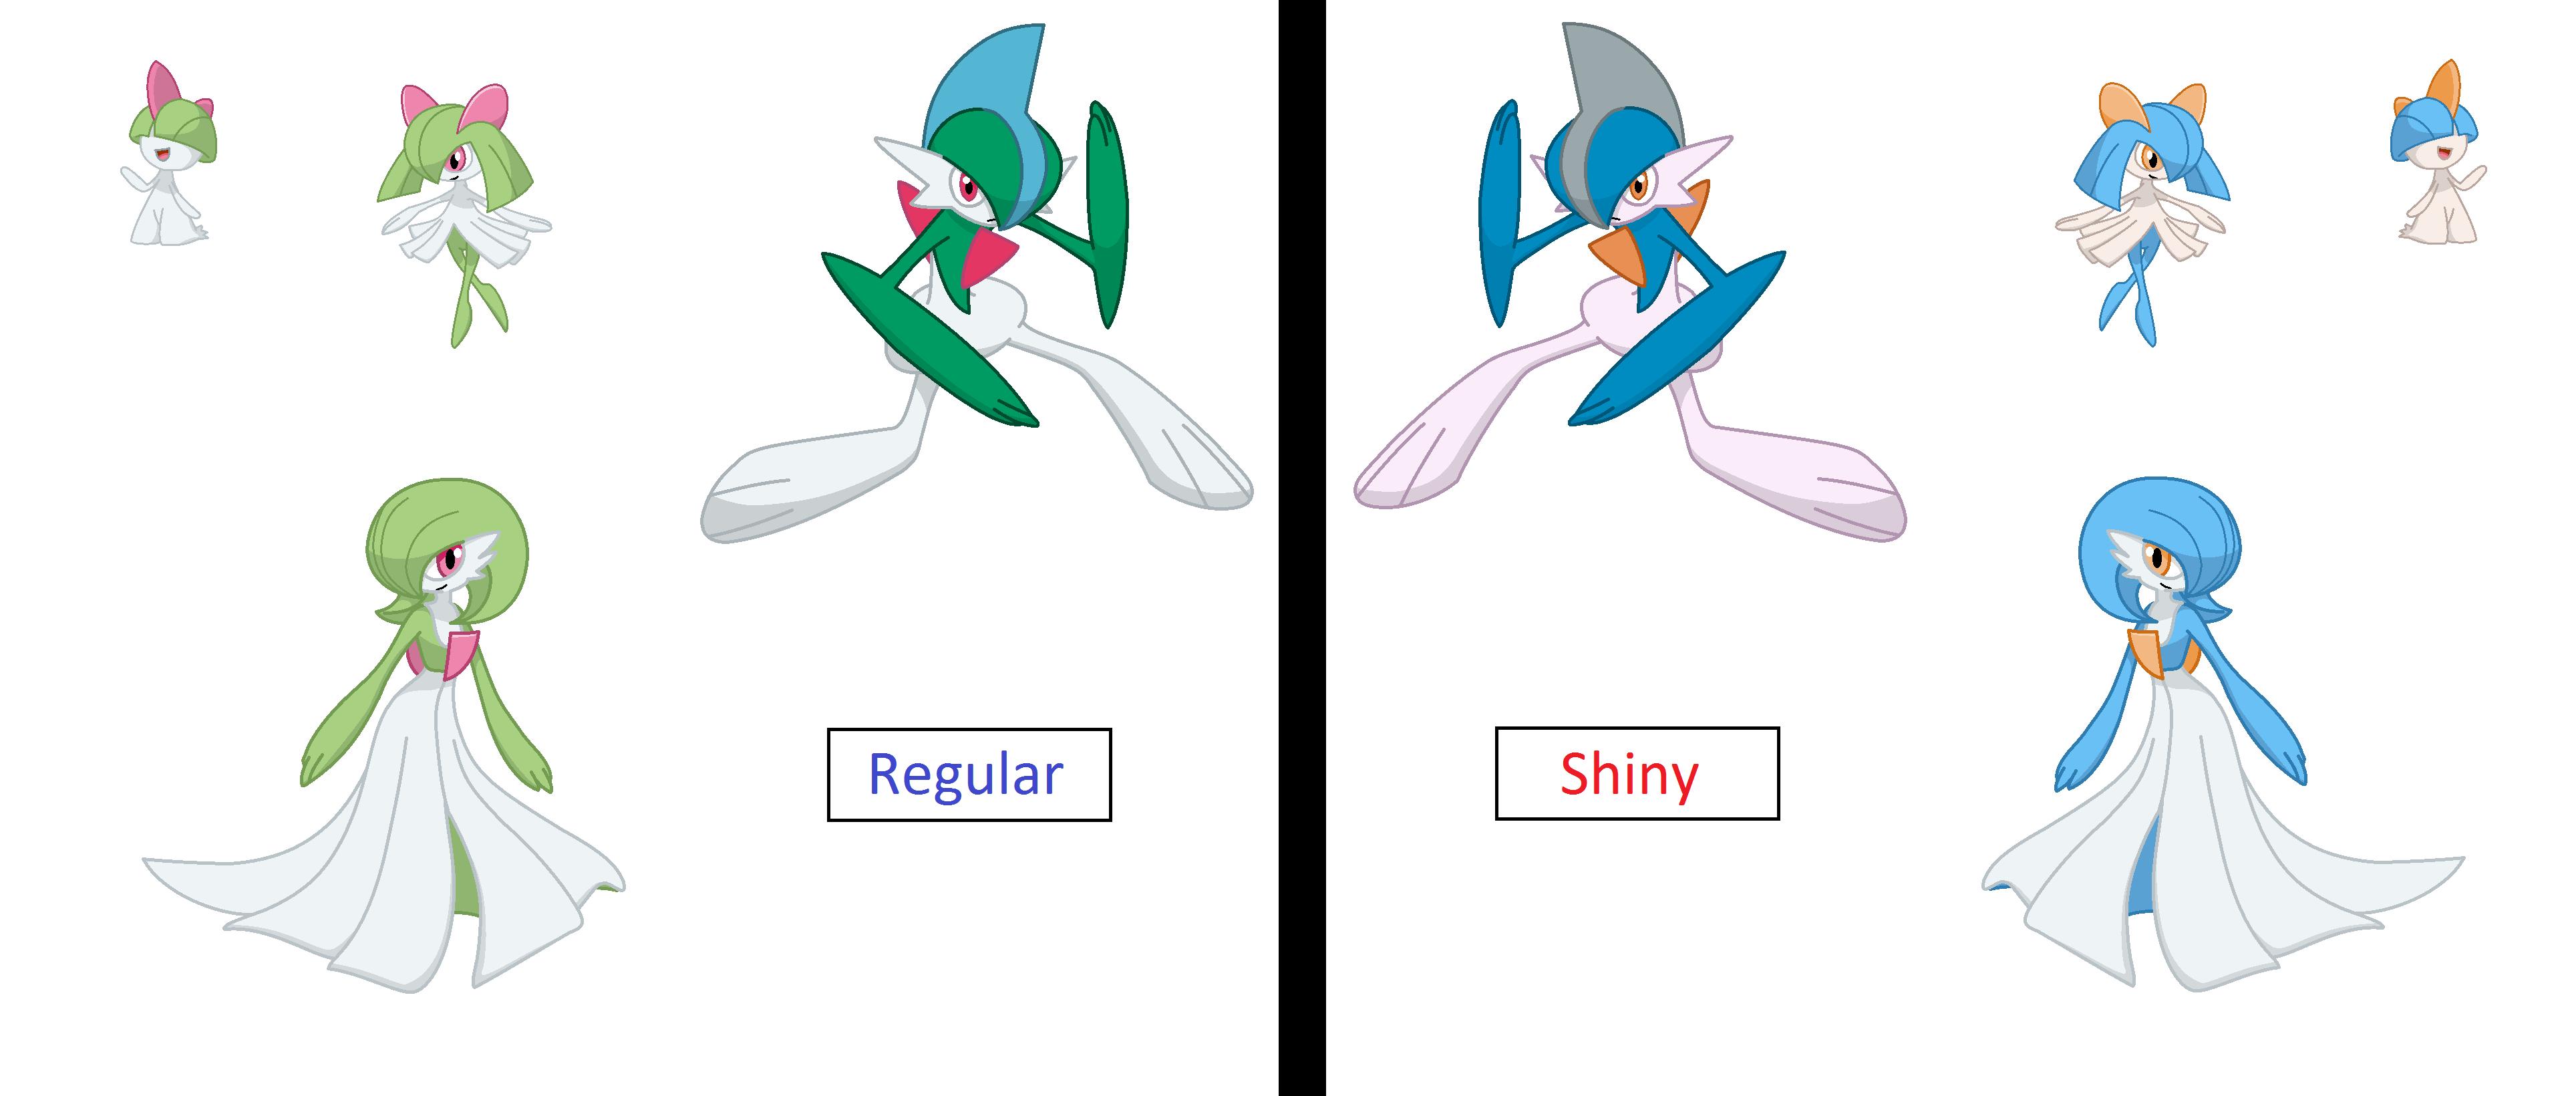 Pokemon Shiny Ralts Images | Pokemon Images